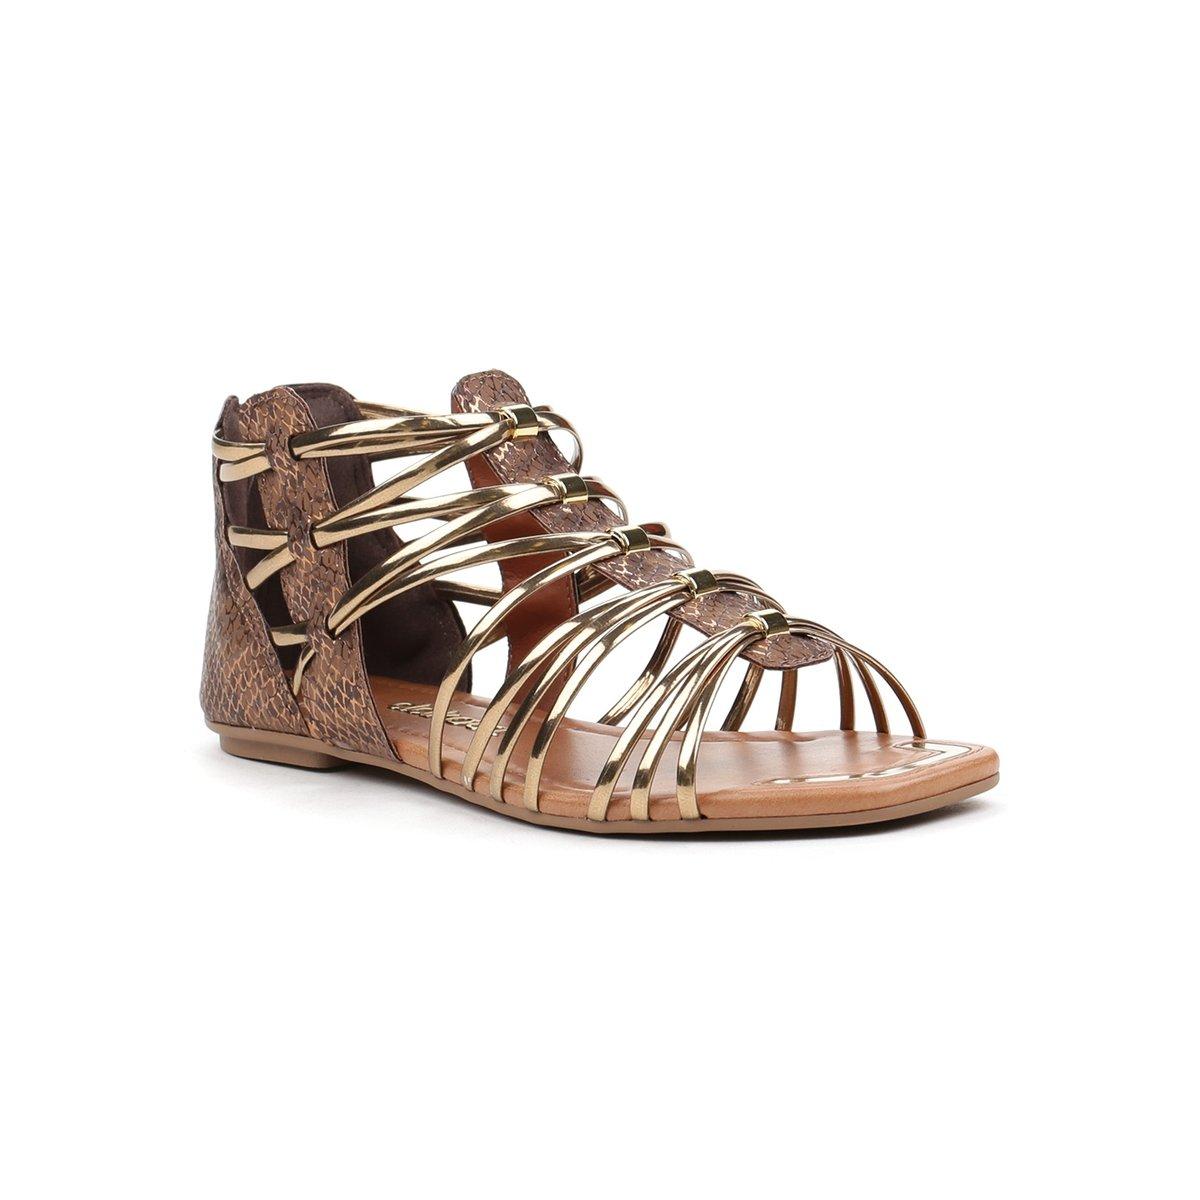 8ff7836bf2 Sandália Rasteira Feminina Dakota Gladiadora Marrom dourado - Compre Agora